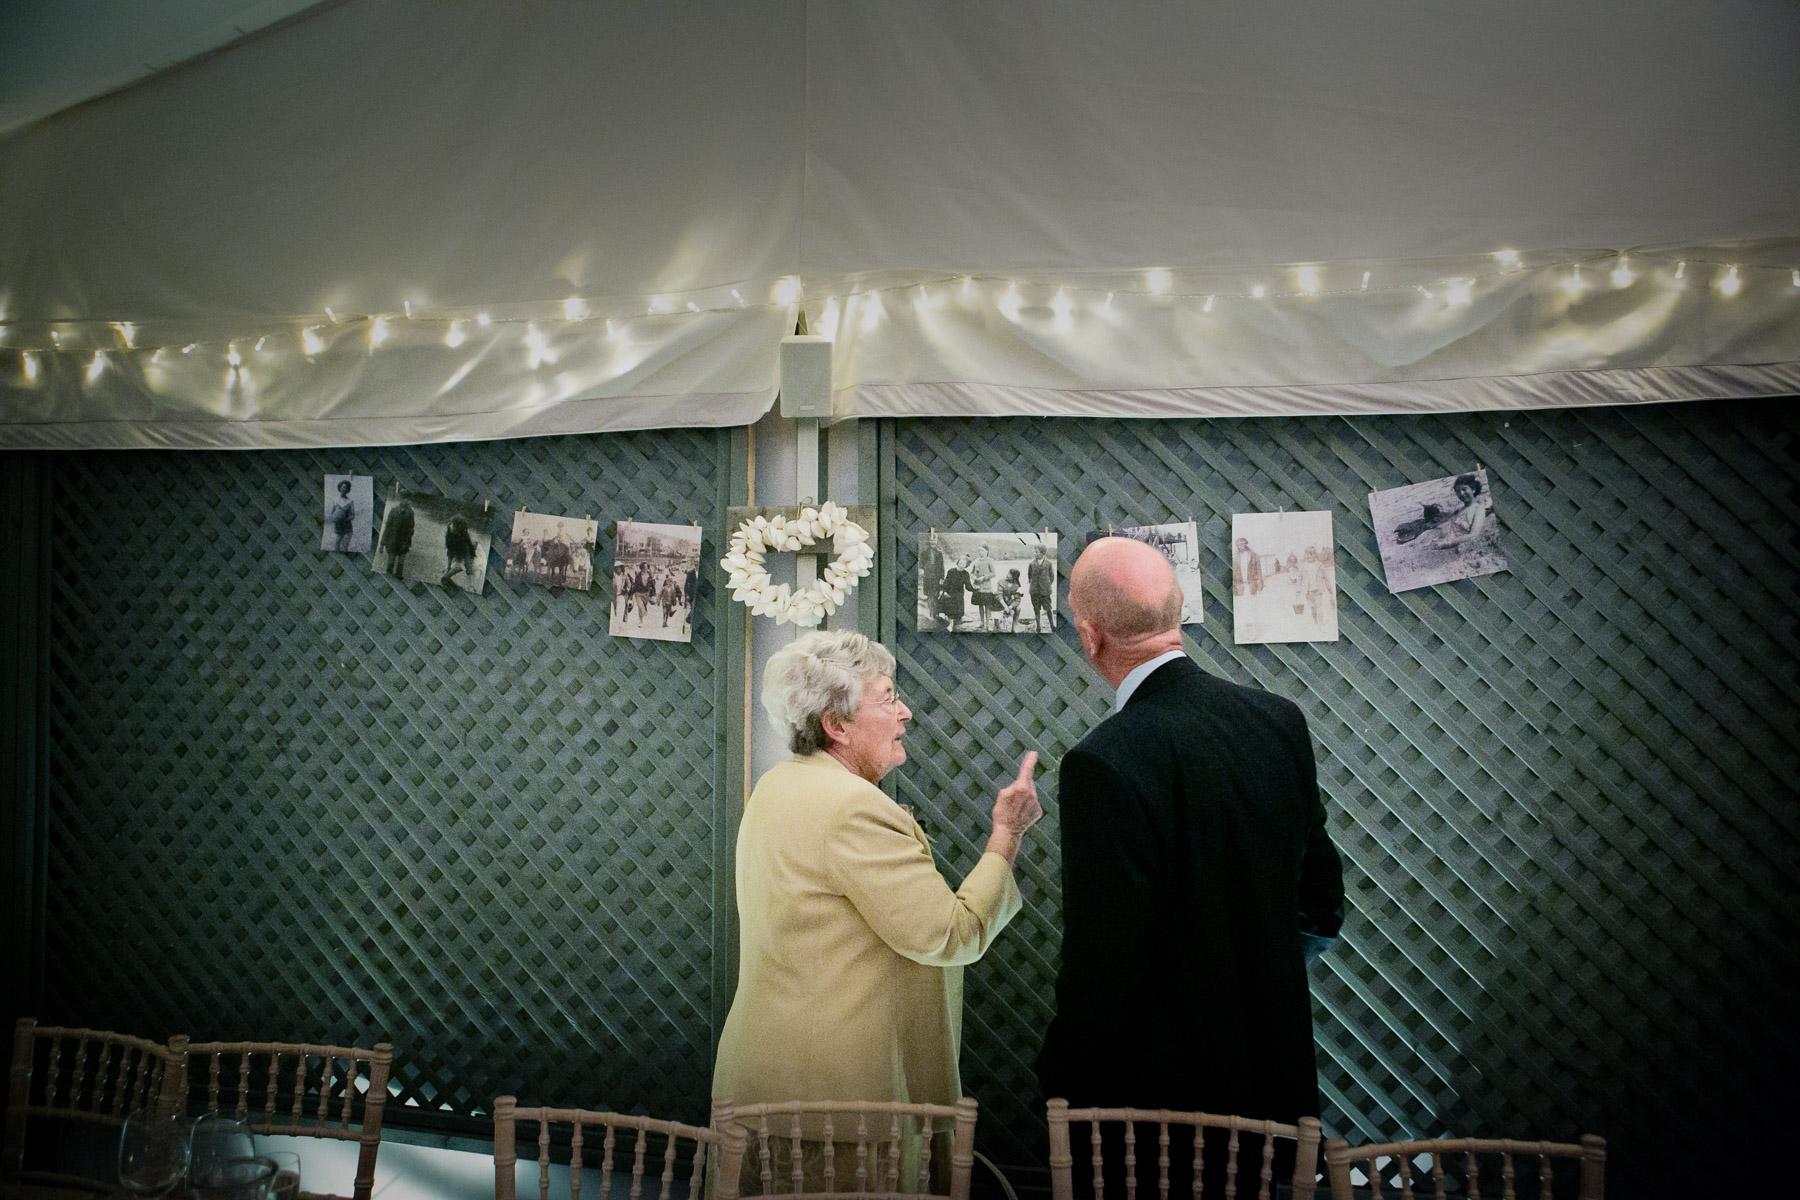 wedding portfolio 25-09-17  186.jpg